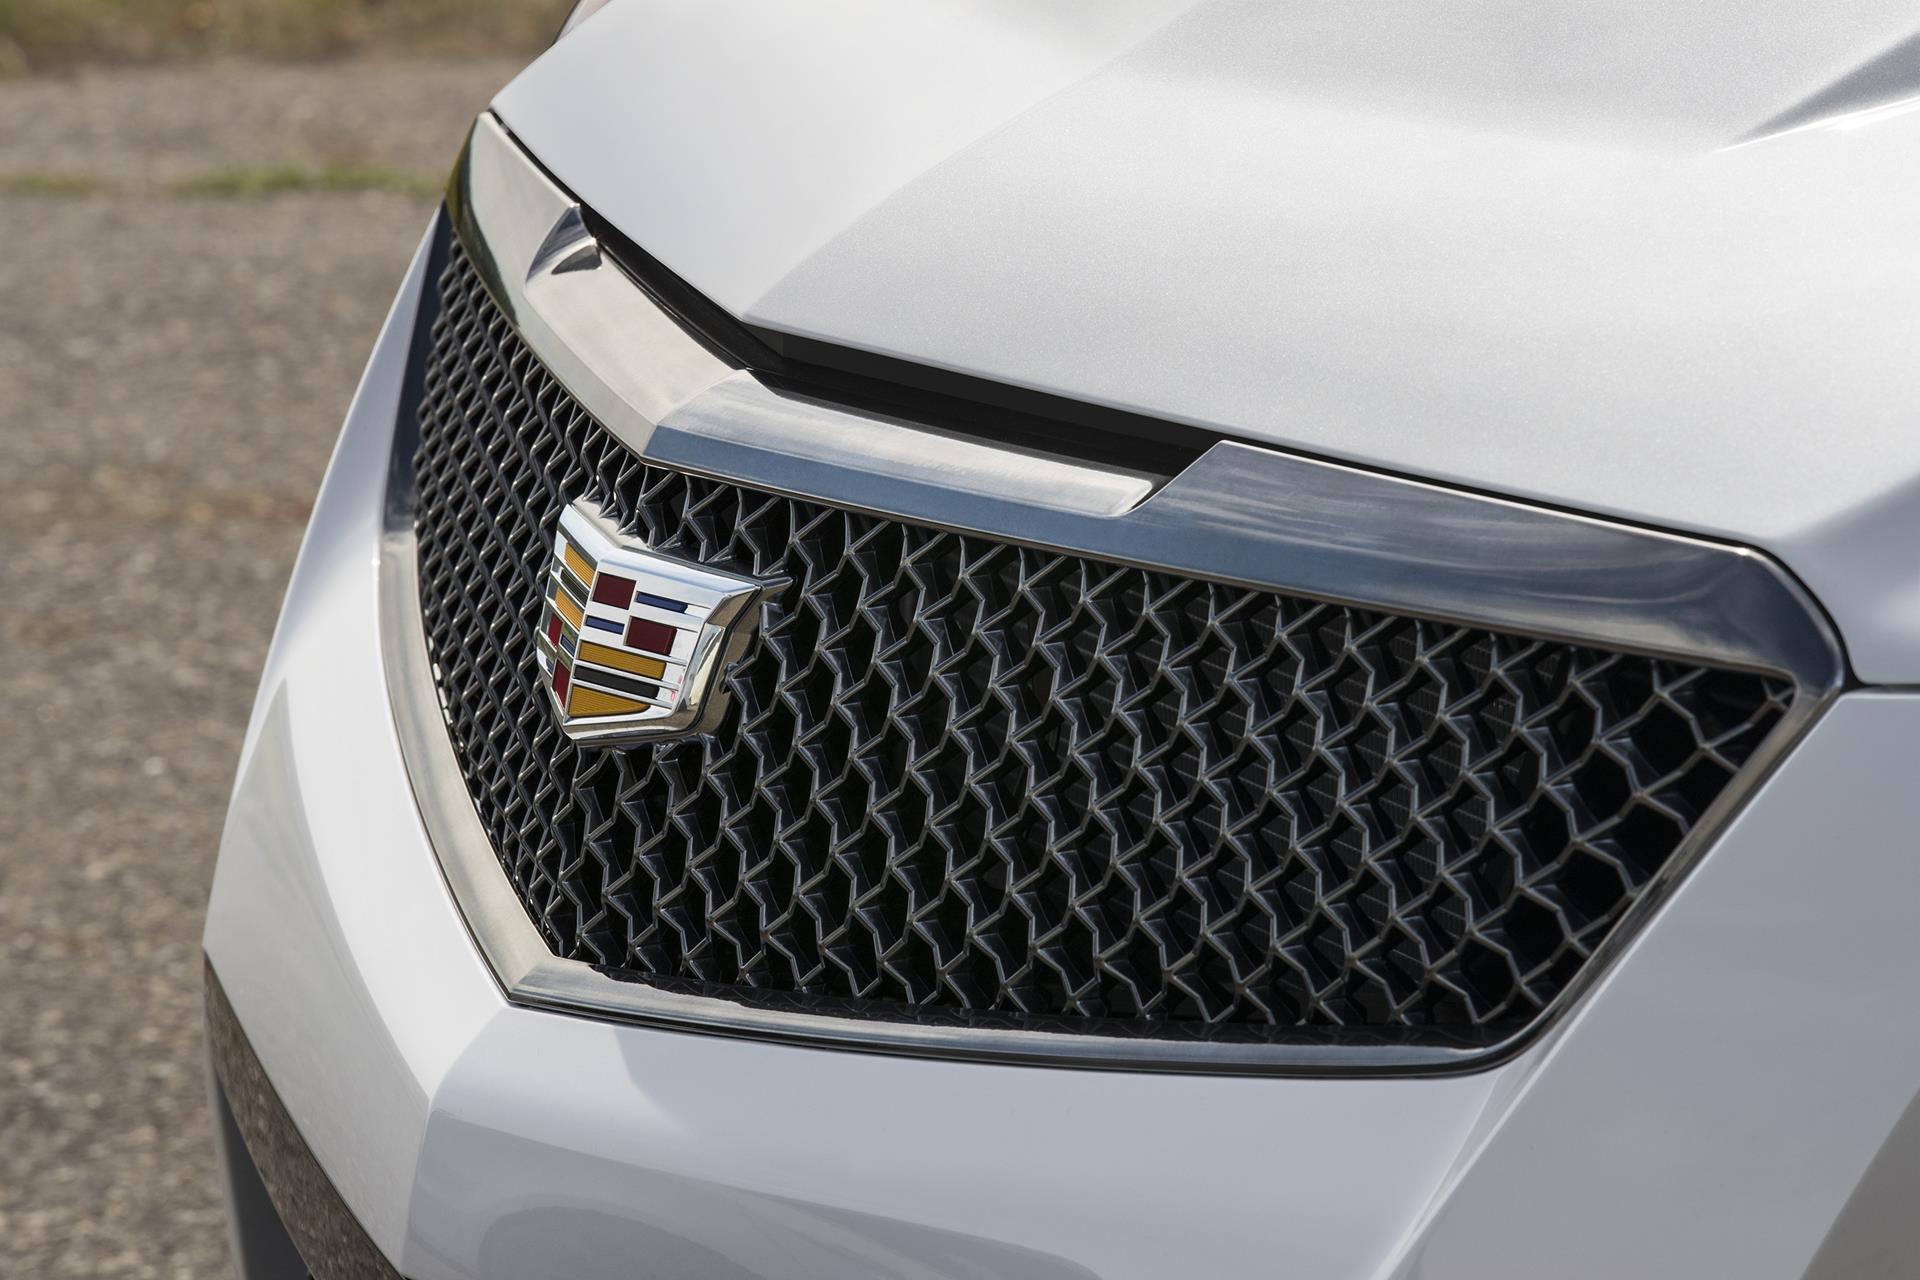 2016 Cadillac ATS-V Carbon Black sport